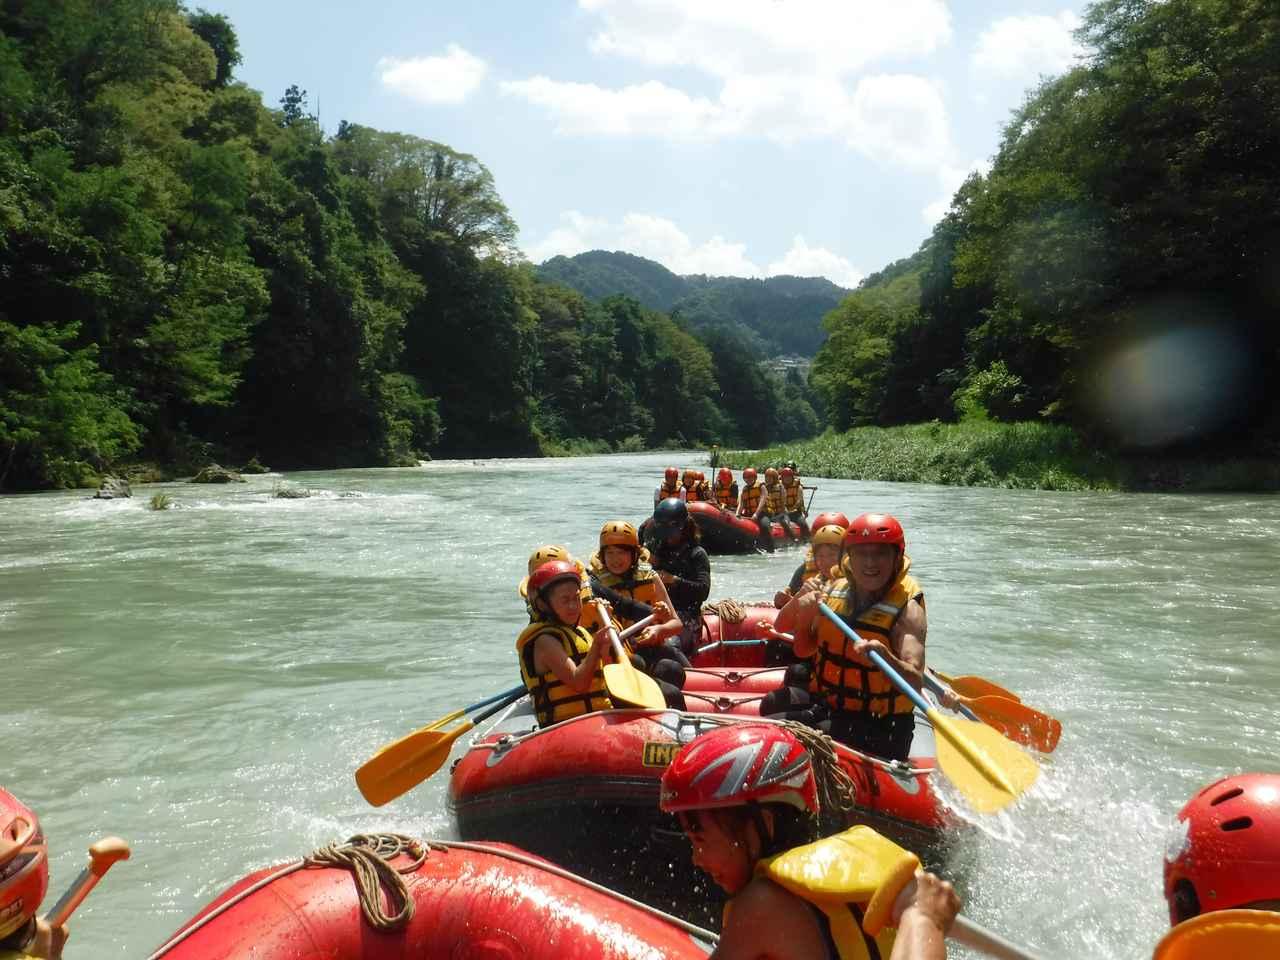 画像: ボート同士が近づくとすぐに水かけ合戦が始まります(笑)